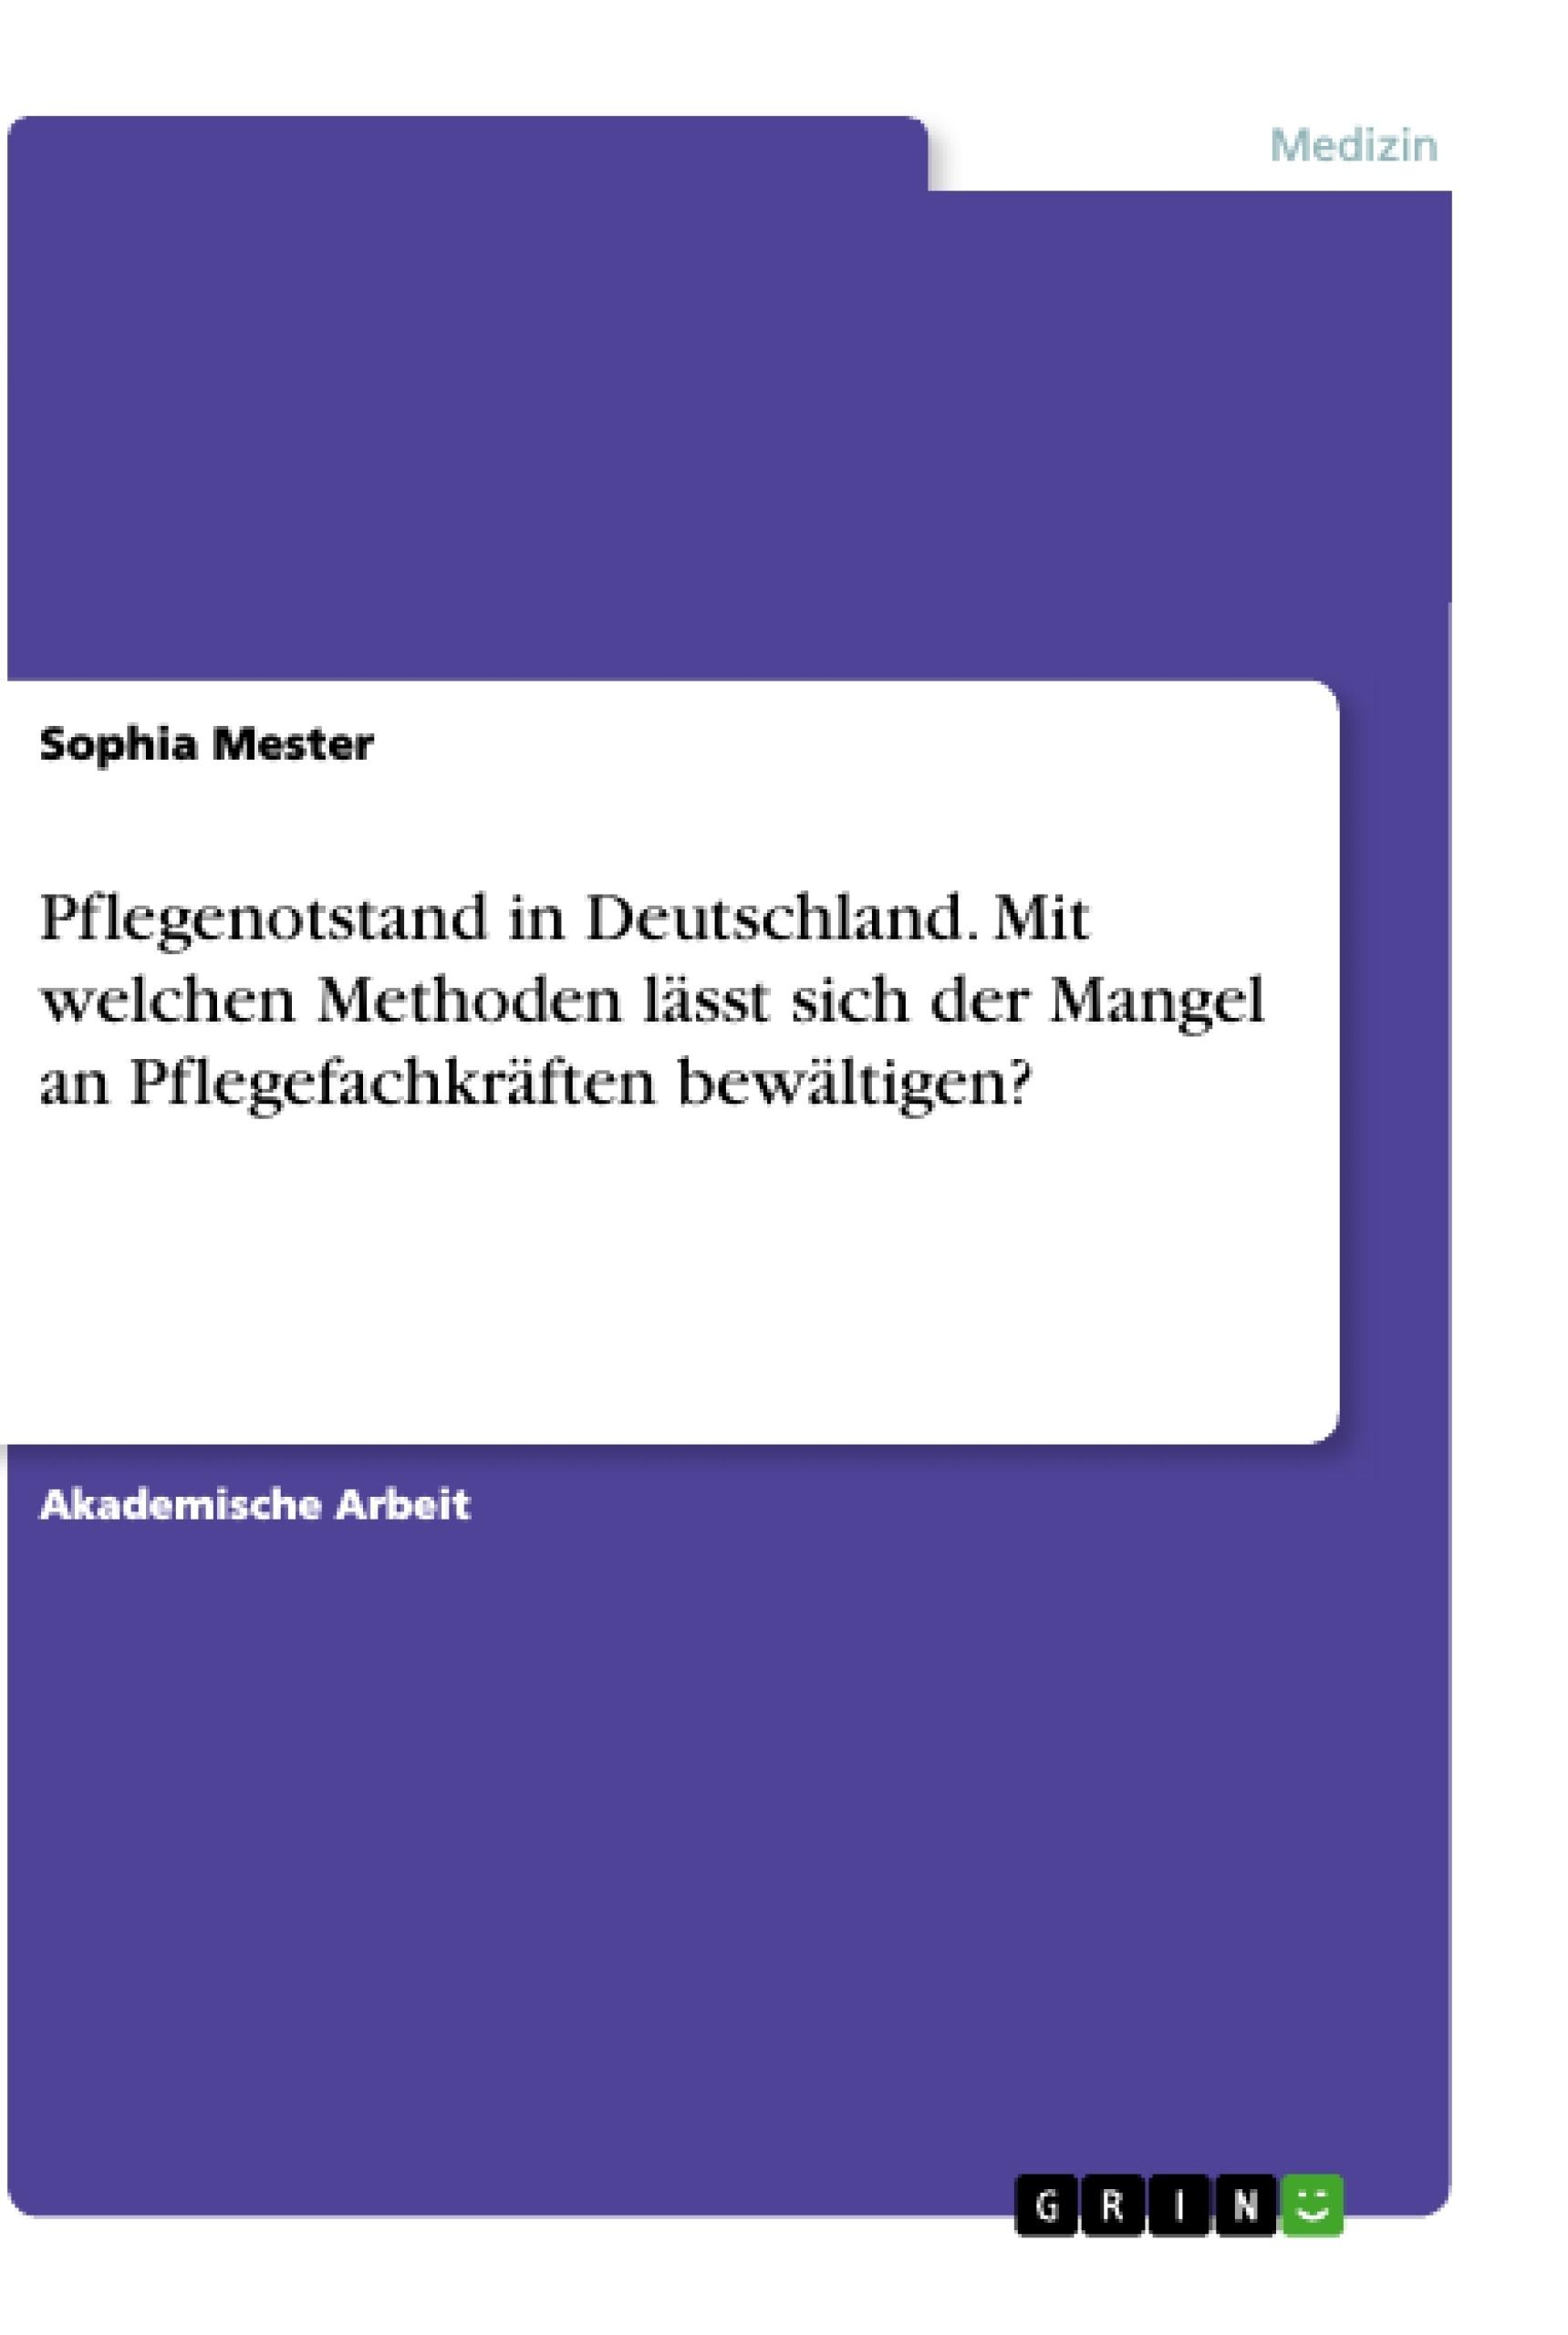 Titel: Pflegenotstand in Deutschland. Mit welchen Methoden lässt sich der Mangel an Pflegefachkräften bewältigen?